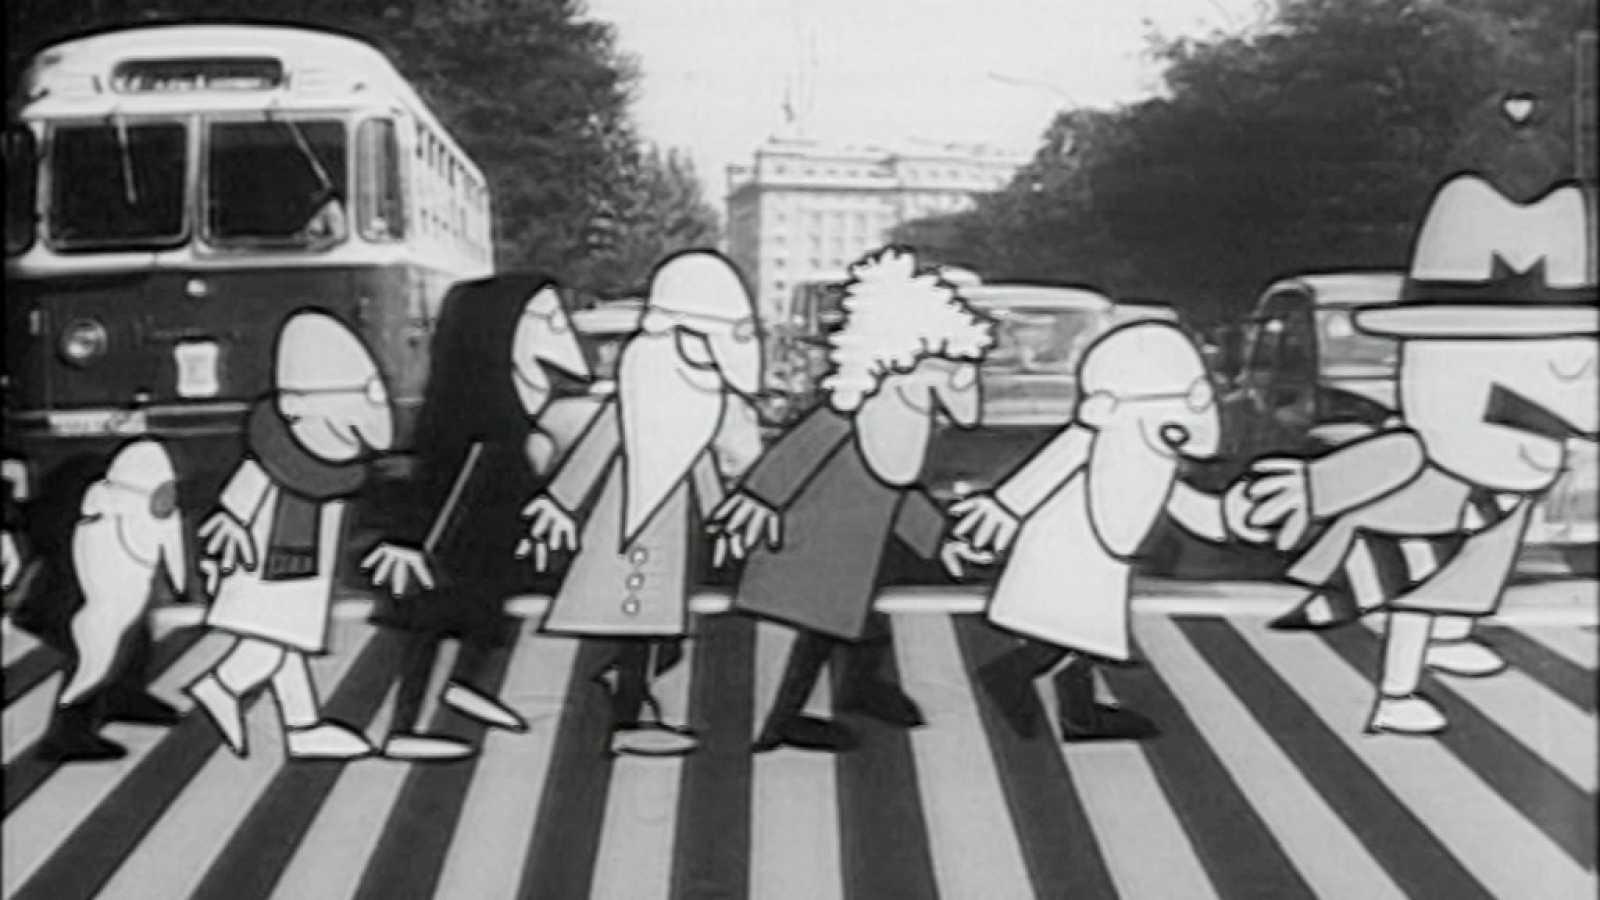 50 años de... - Civismo y buenas prácticas - ver ahora